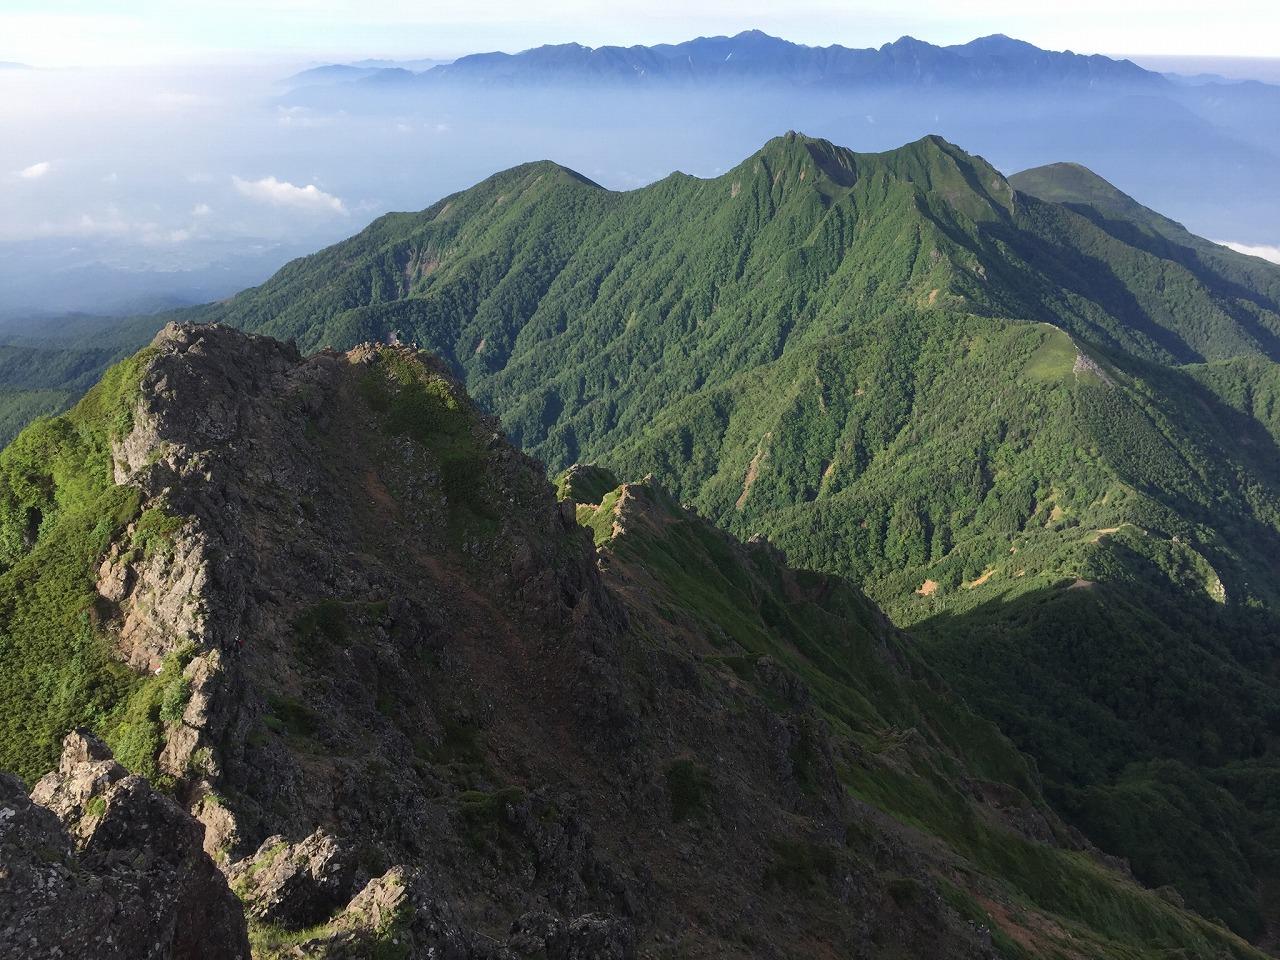 【岩稜コース】<br>八ヶ岳・県界尾根から赤岳~キレット~権現岳 2日間